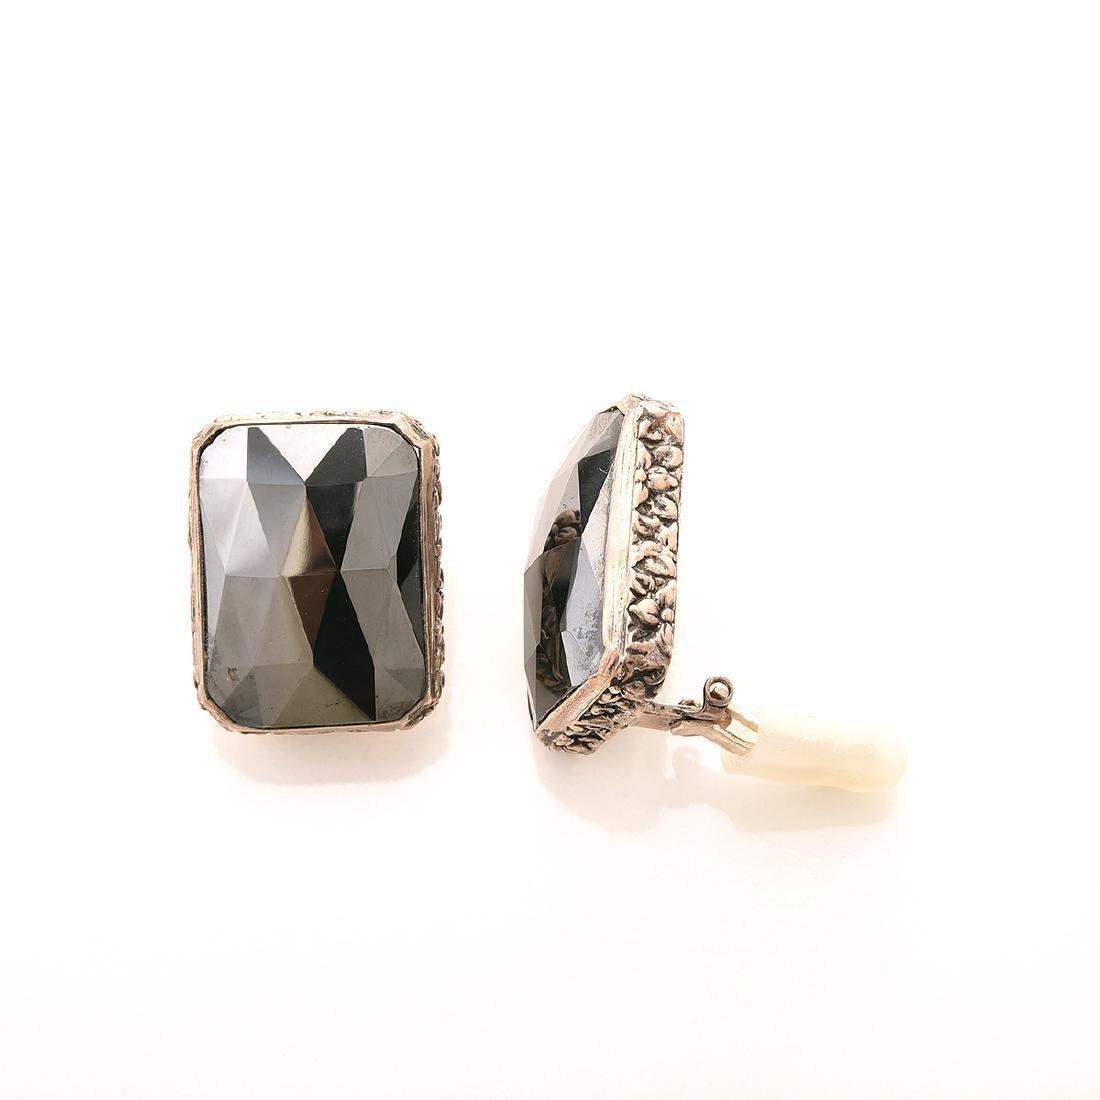 Stephen Dweck Hematite, Silver, Jewelry Suite. - 5